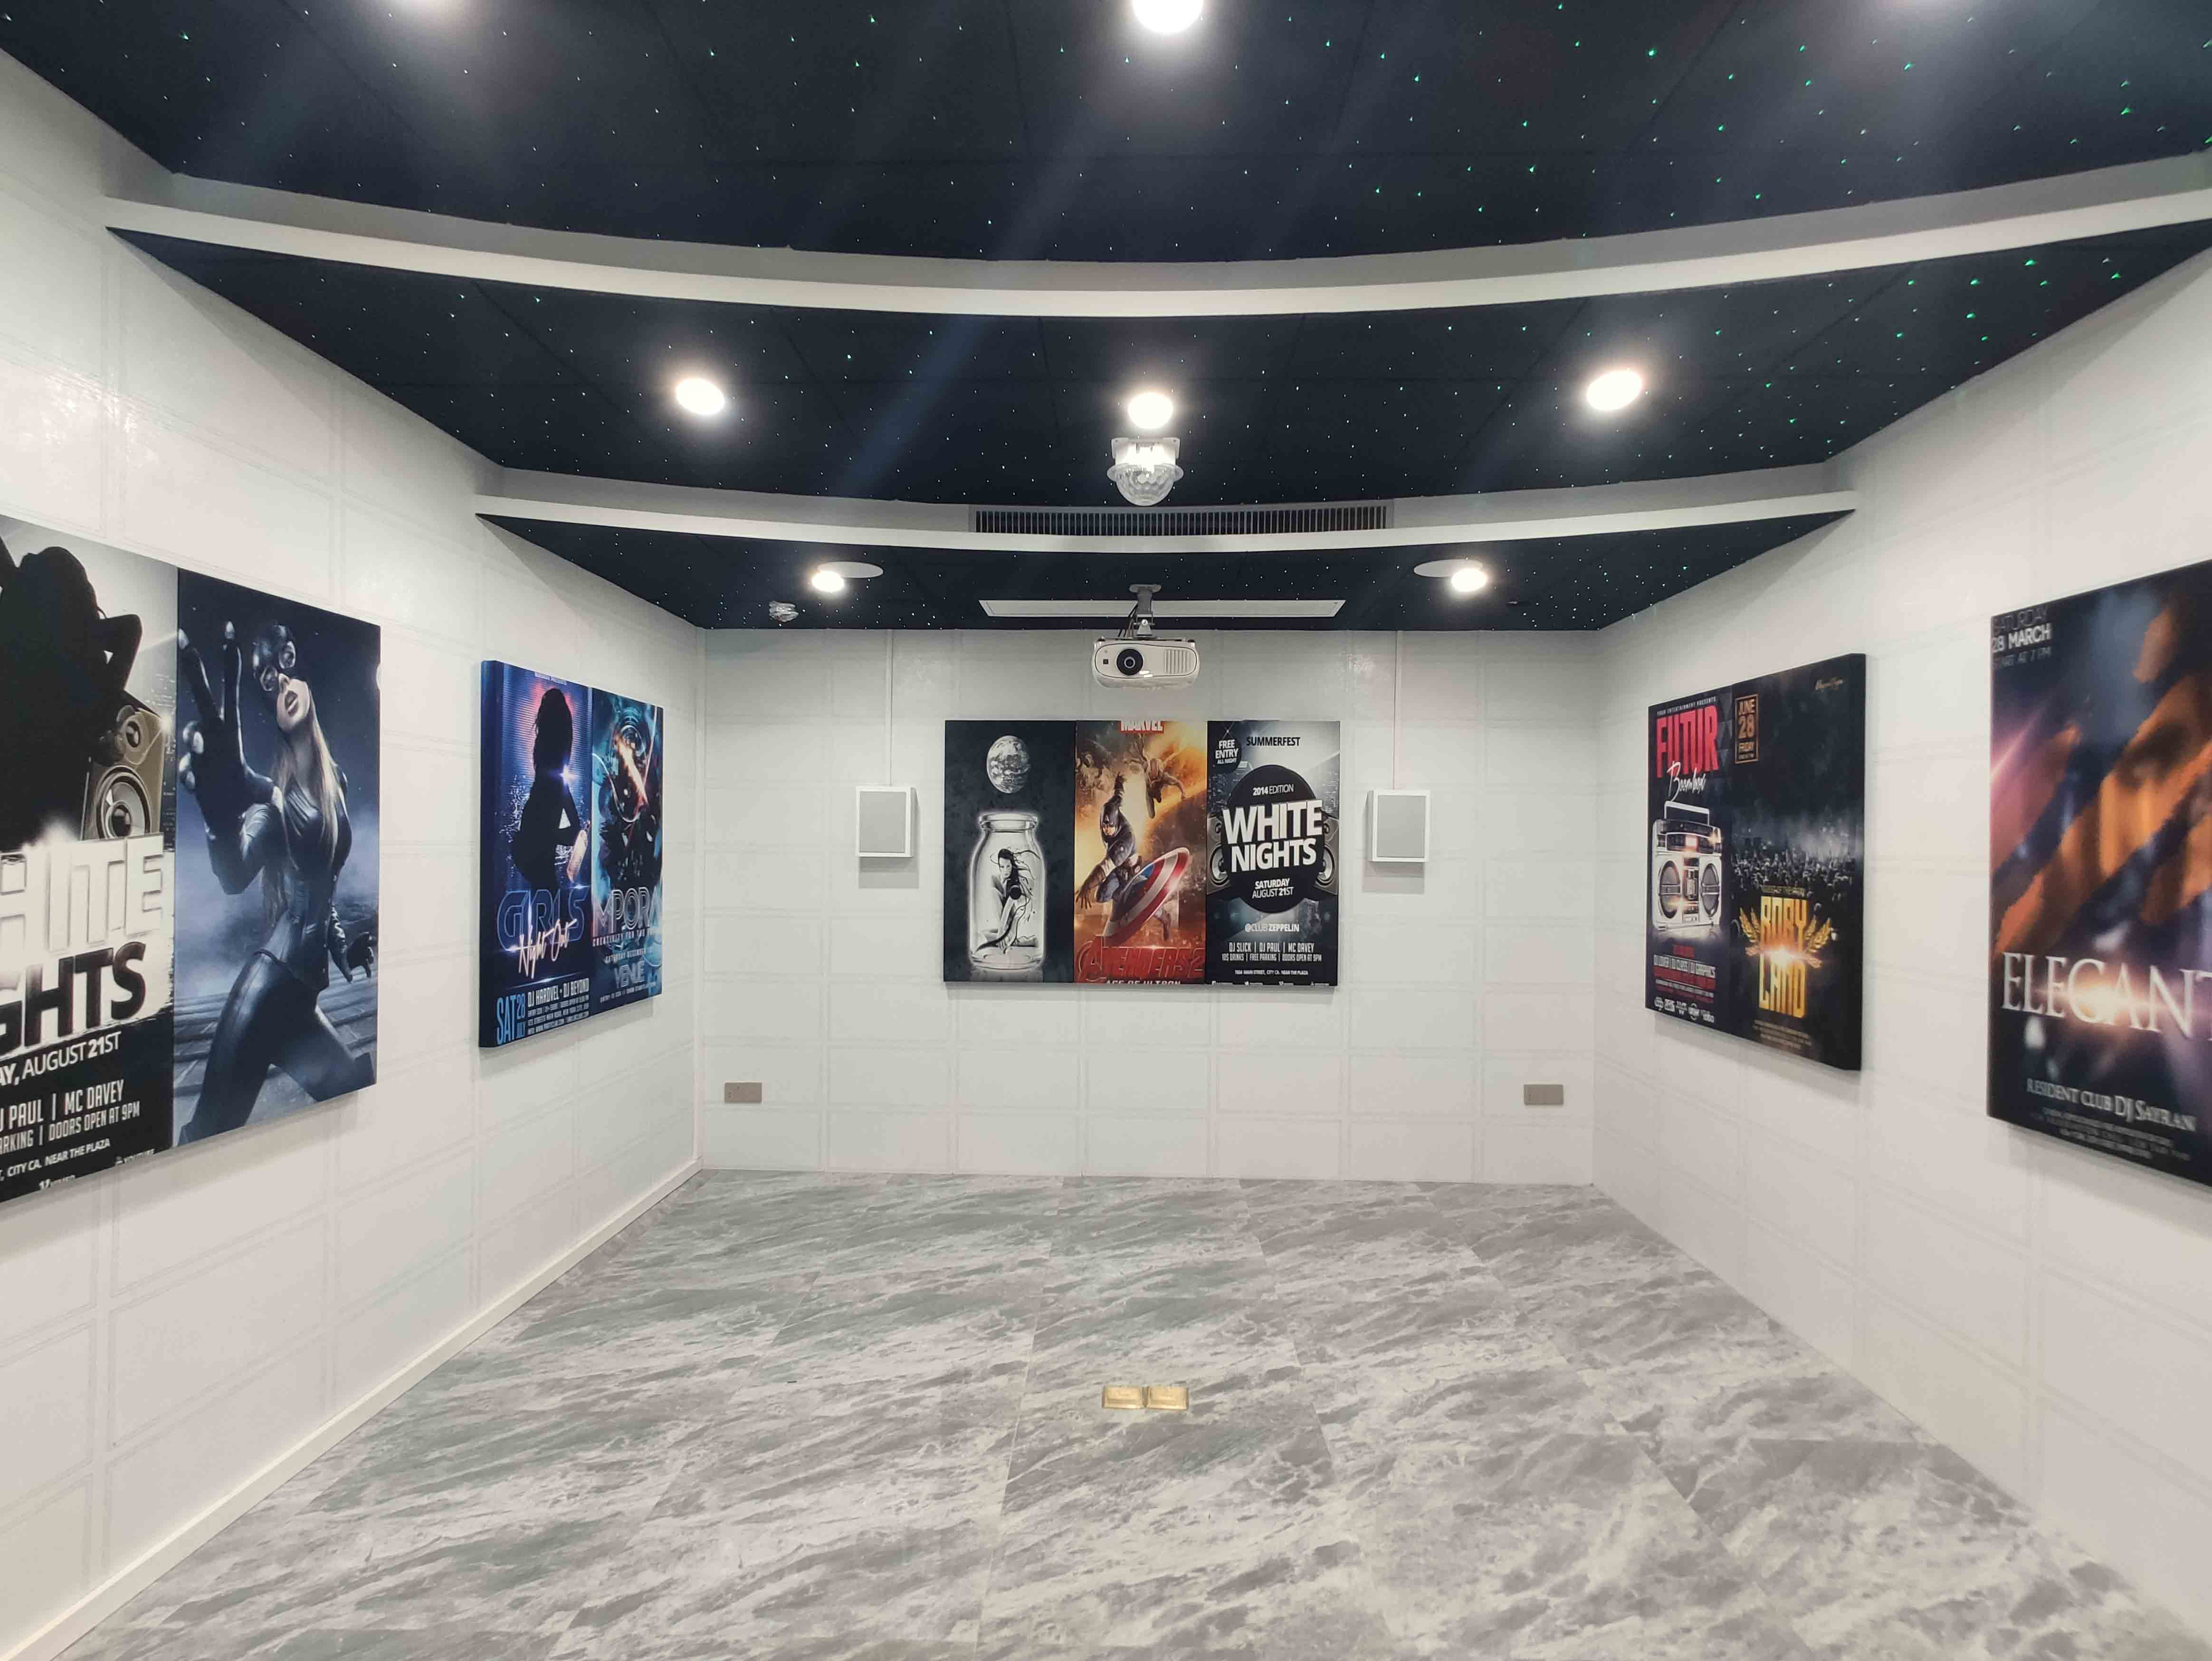 广州水悦龙湾家庭影院KTV案例装修设计解决方案